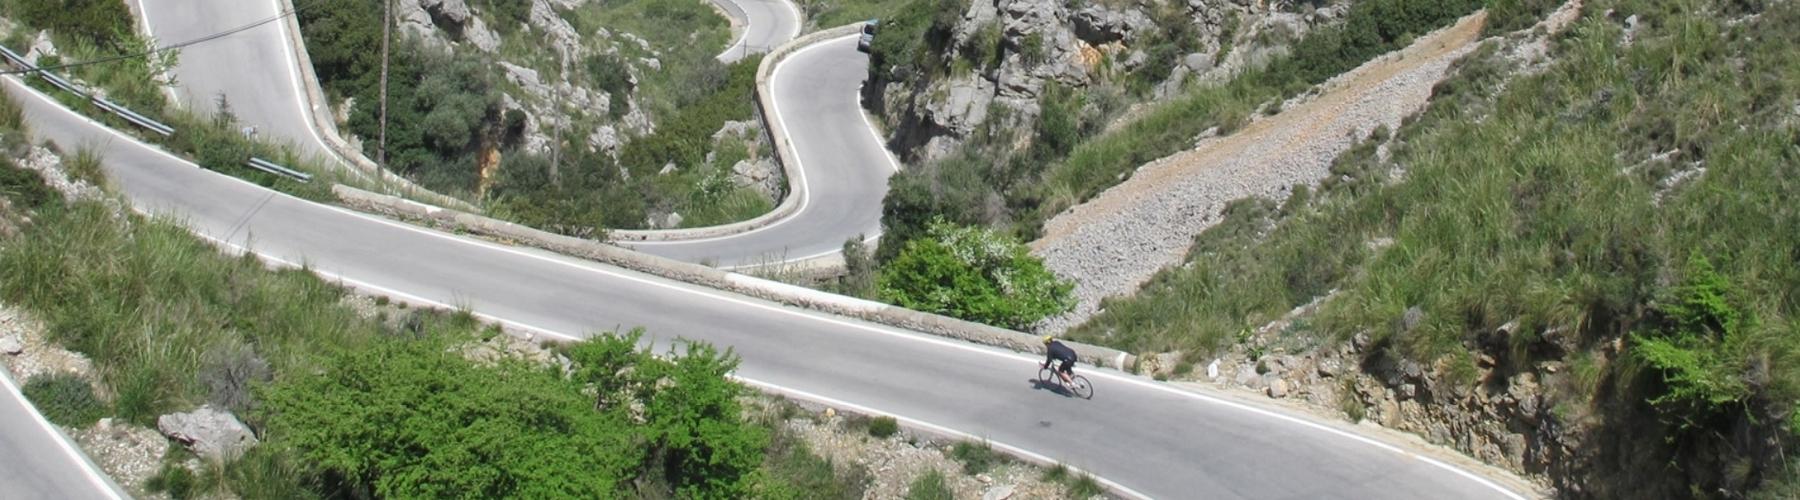 Cycling sa colabra